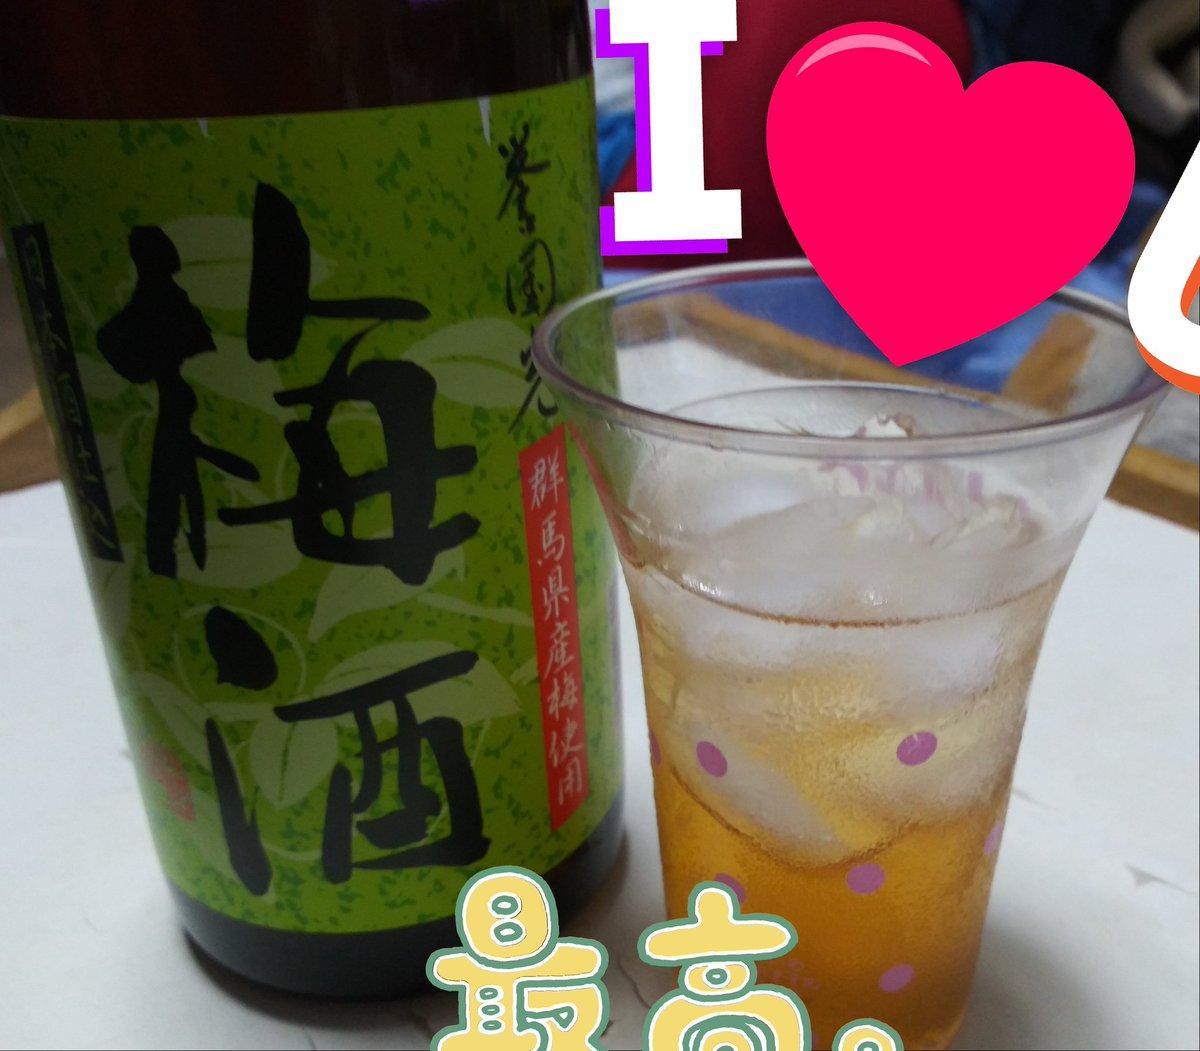 test ツイッターメディア - @sato_saketen   二本目‼️ 梅酒 いただいてま~ぁす💕  日本酒で造られた梅酒! スッキリ辛口! 後味もスーッとして とっても呑みやすく 美味しい~💖😍  『水芭蕉』に続いて 旦那さん大喜び💕💕💕✌️  有難うございました(*ˊᵕˋ*)✨💖🤗 https://t.co/yjvXmFASQX